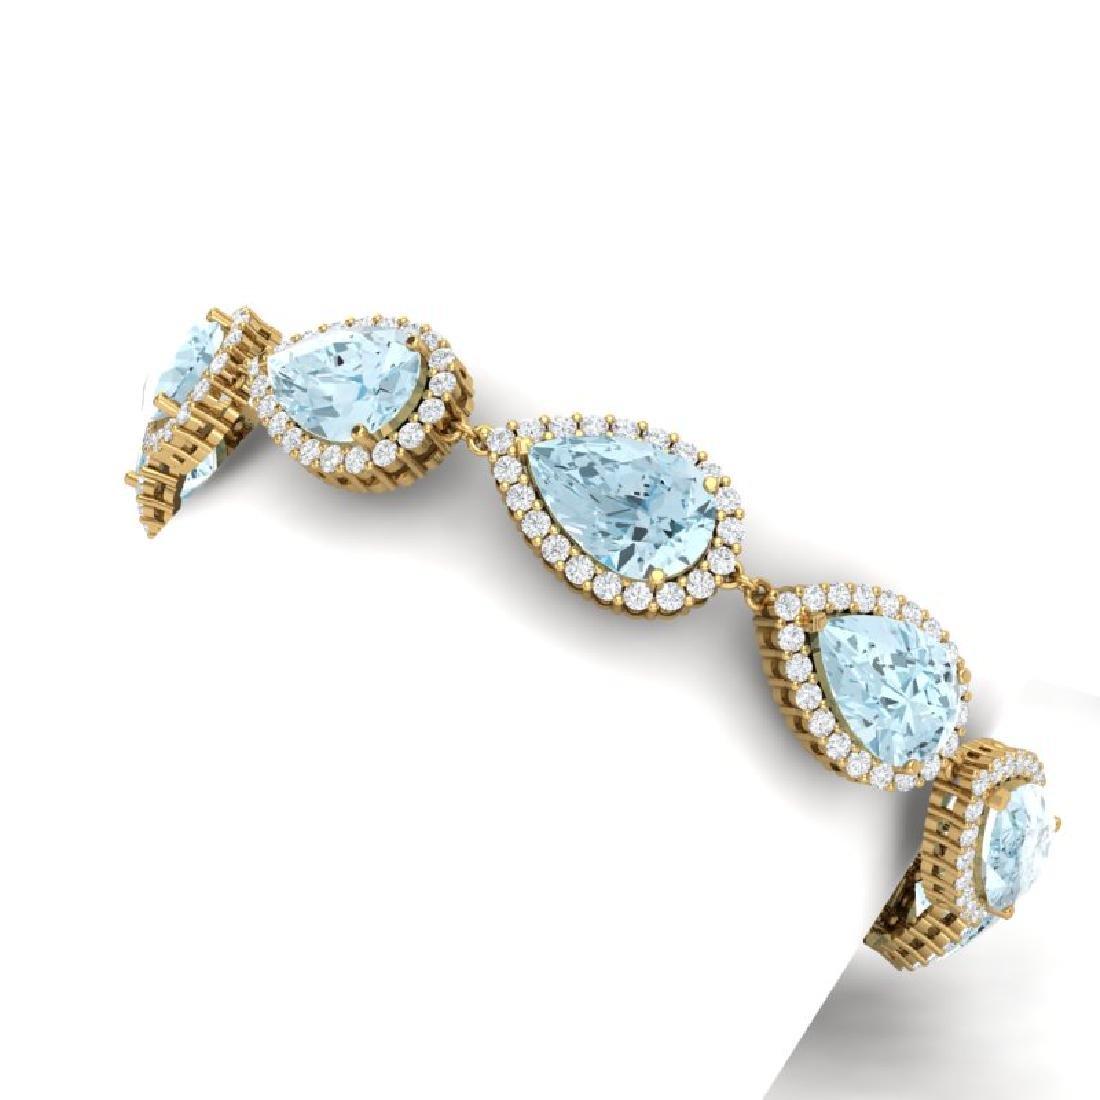 41.87 CTW Royalty Sky Topaz & VS Diamond Bracelet 18K - 2